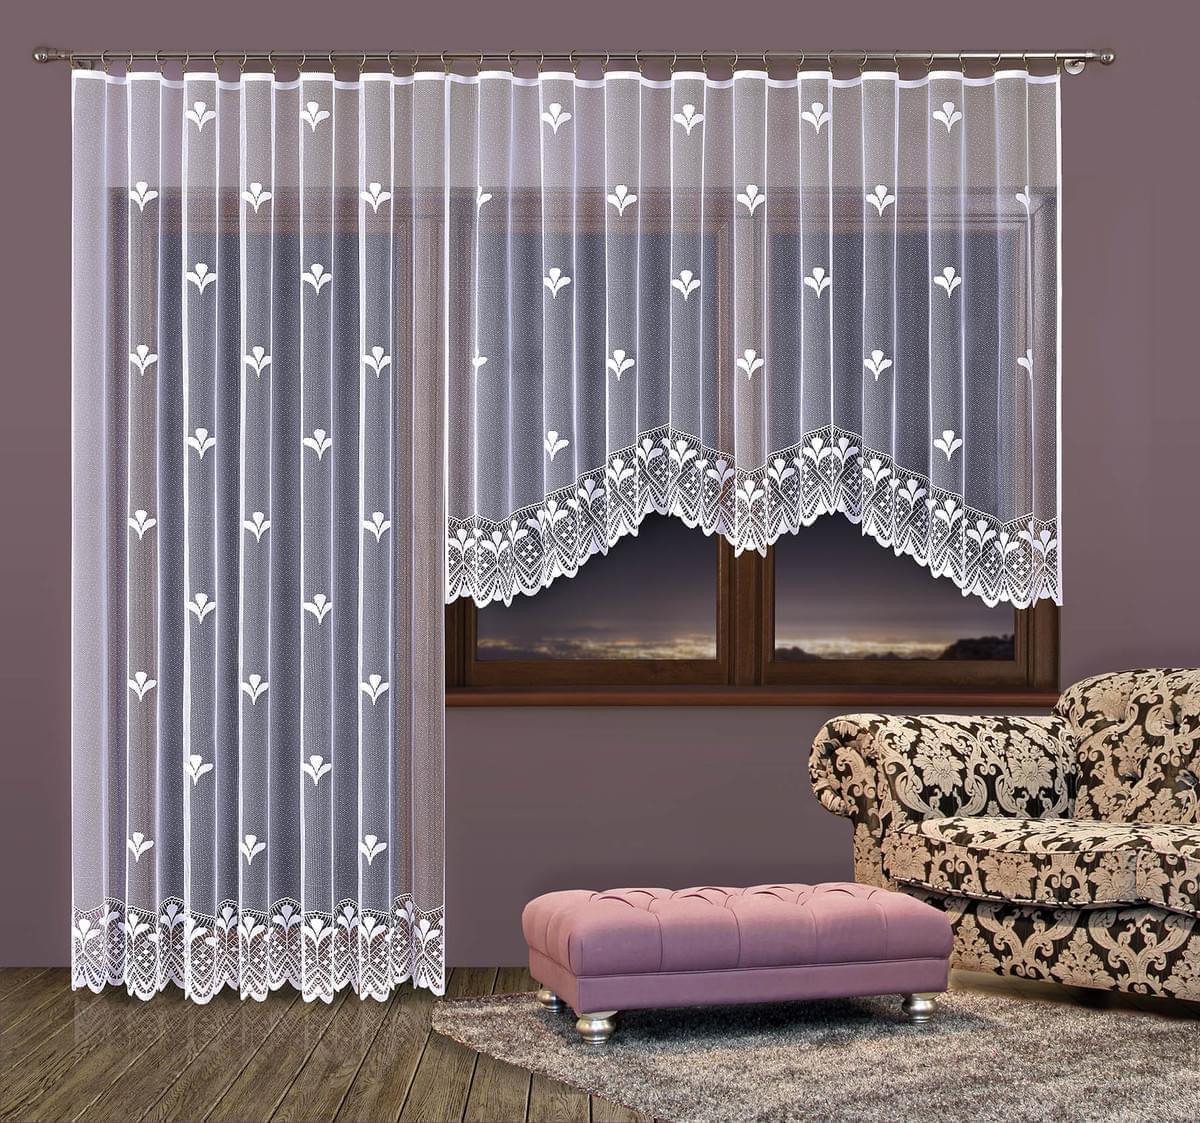 Forbyt, Hotová záclona nebo Balkonový komplet, Petra 400 x 160 cm